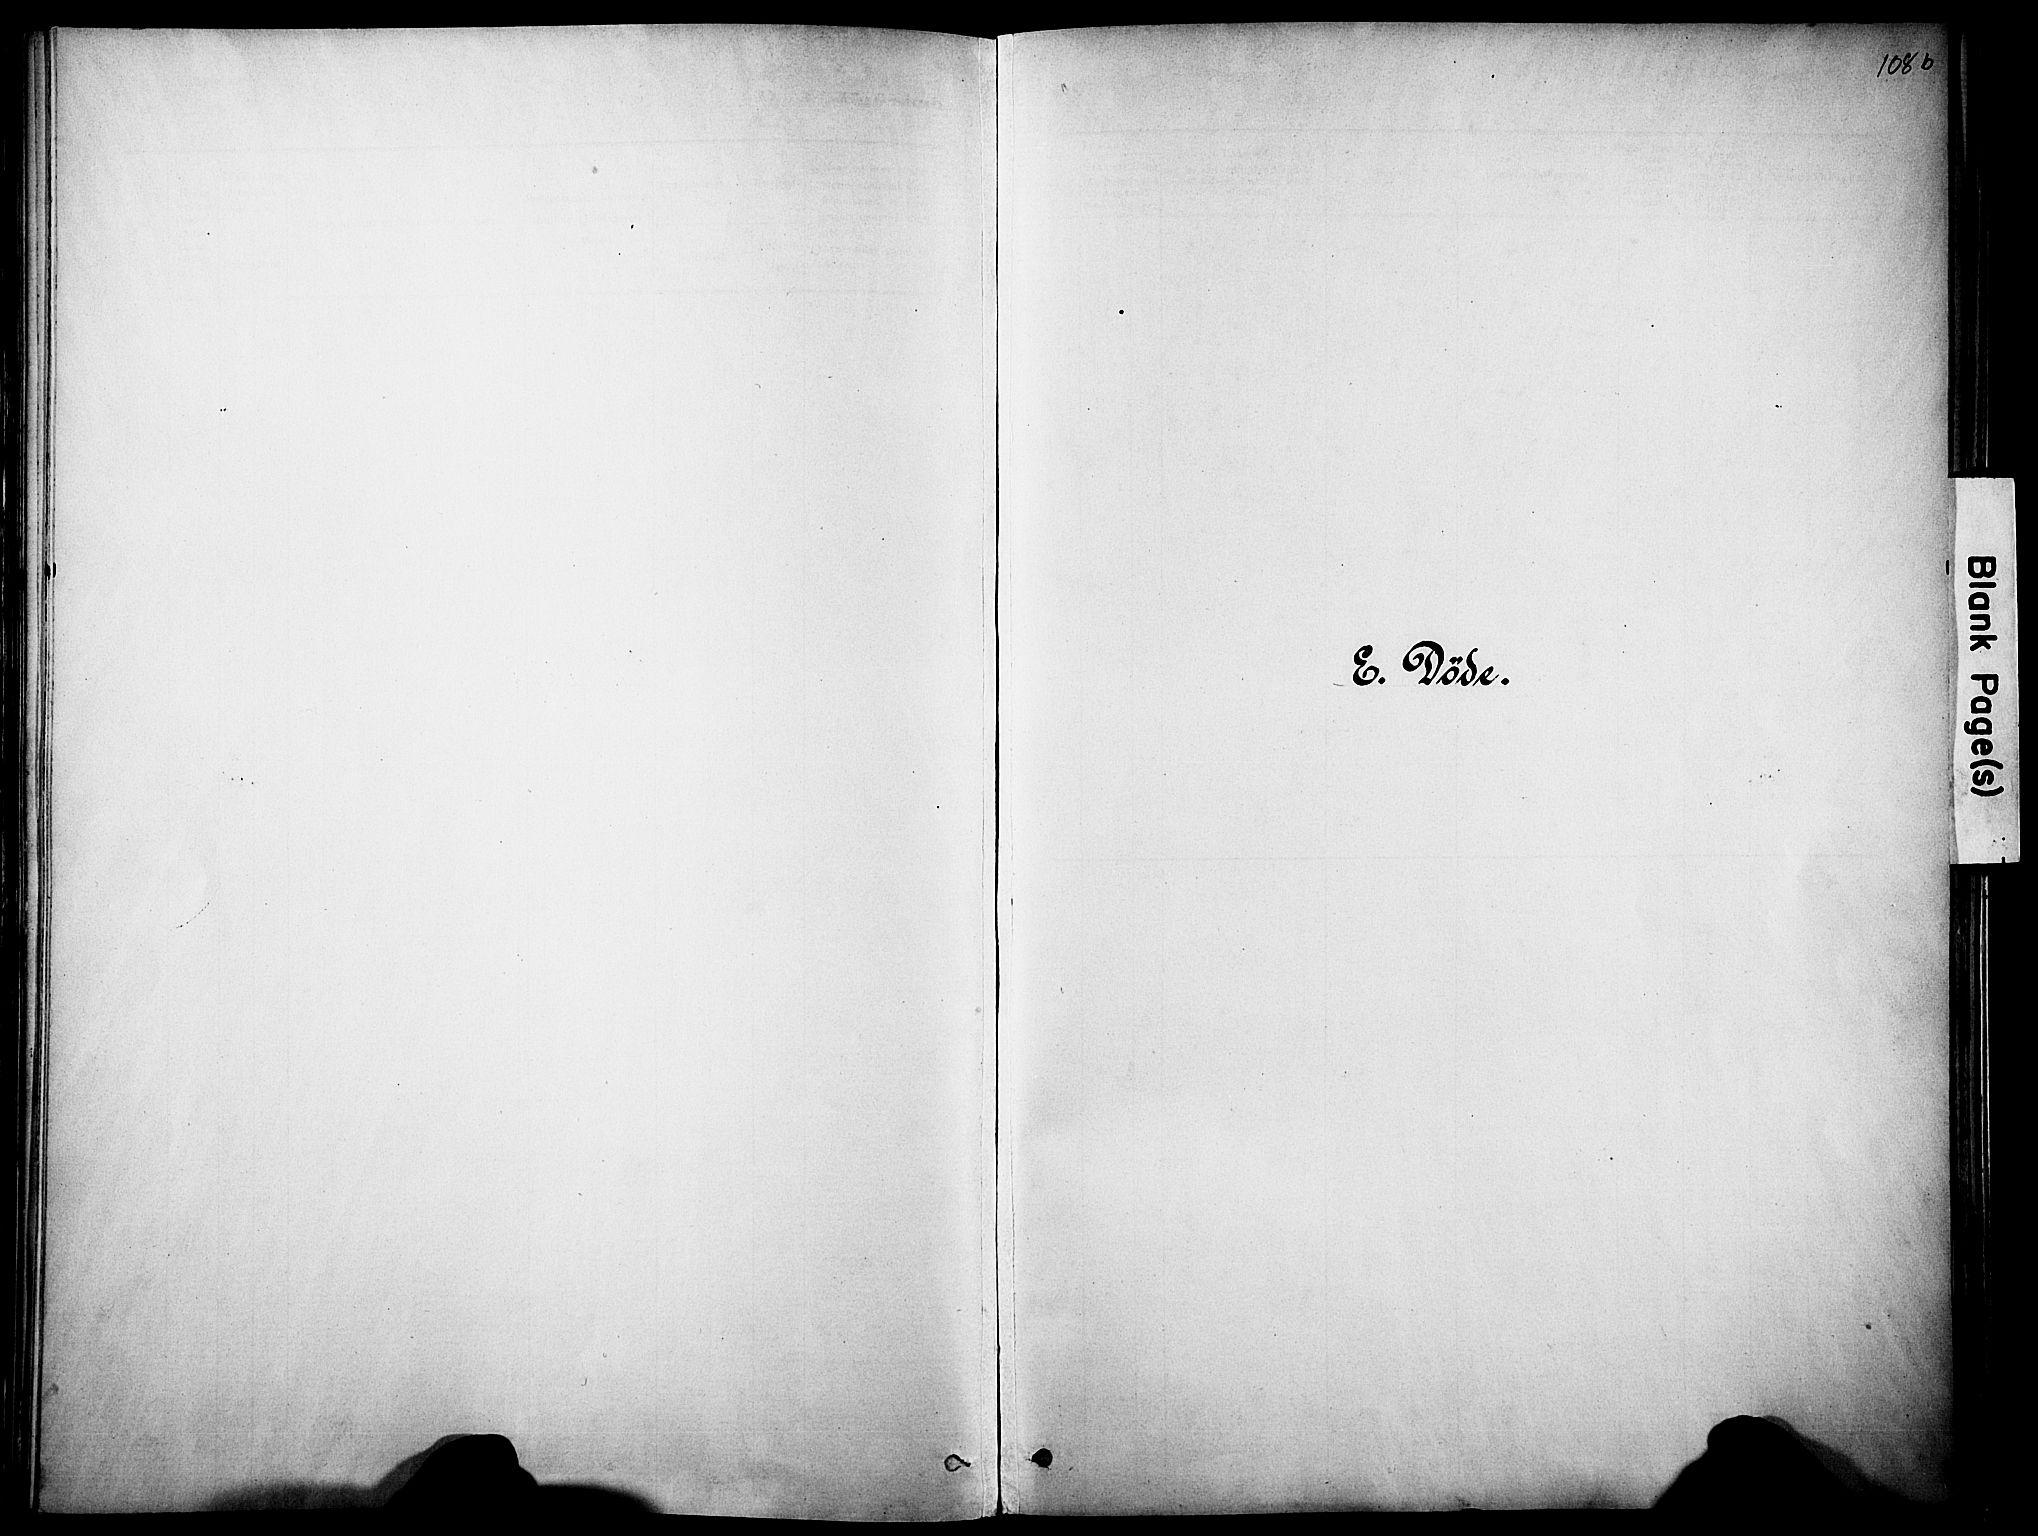 SAH, Vågå prestekontor, Parish register (official) no. 10, 1887-1904, p. 108